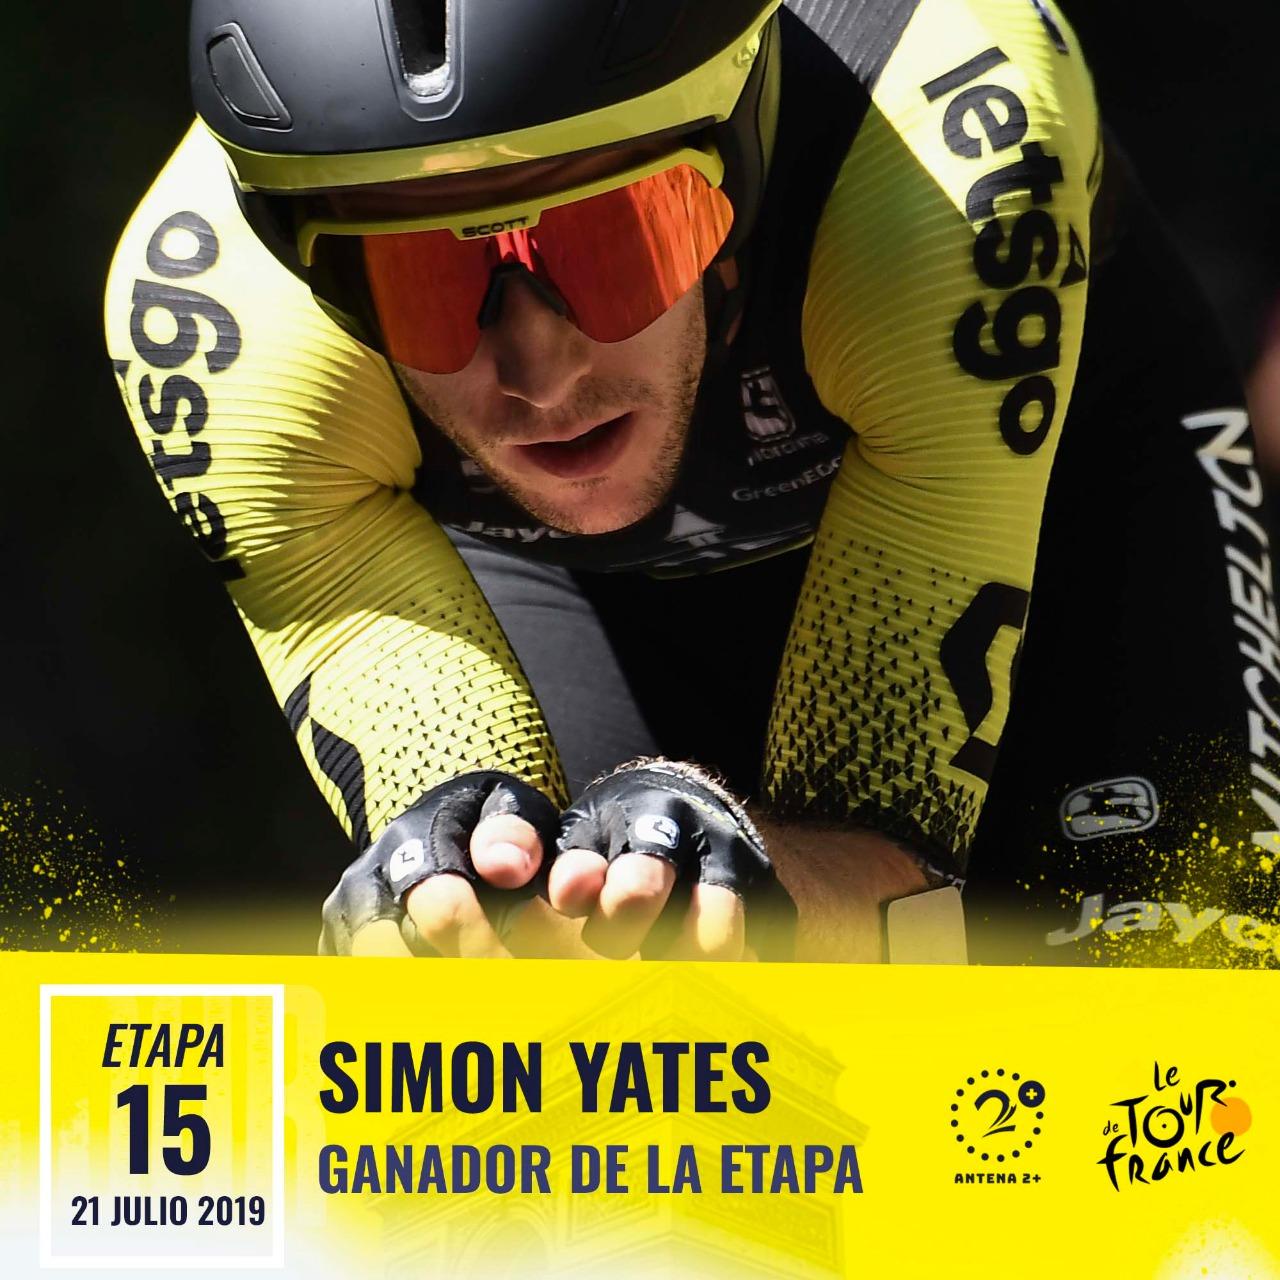 Simon Yates, Tour de Francia 2019